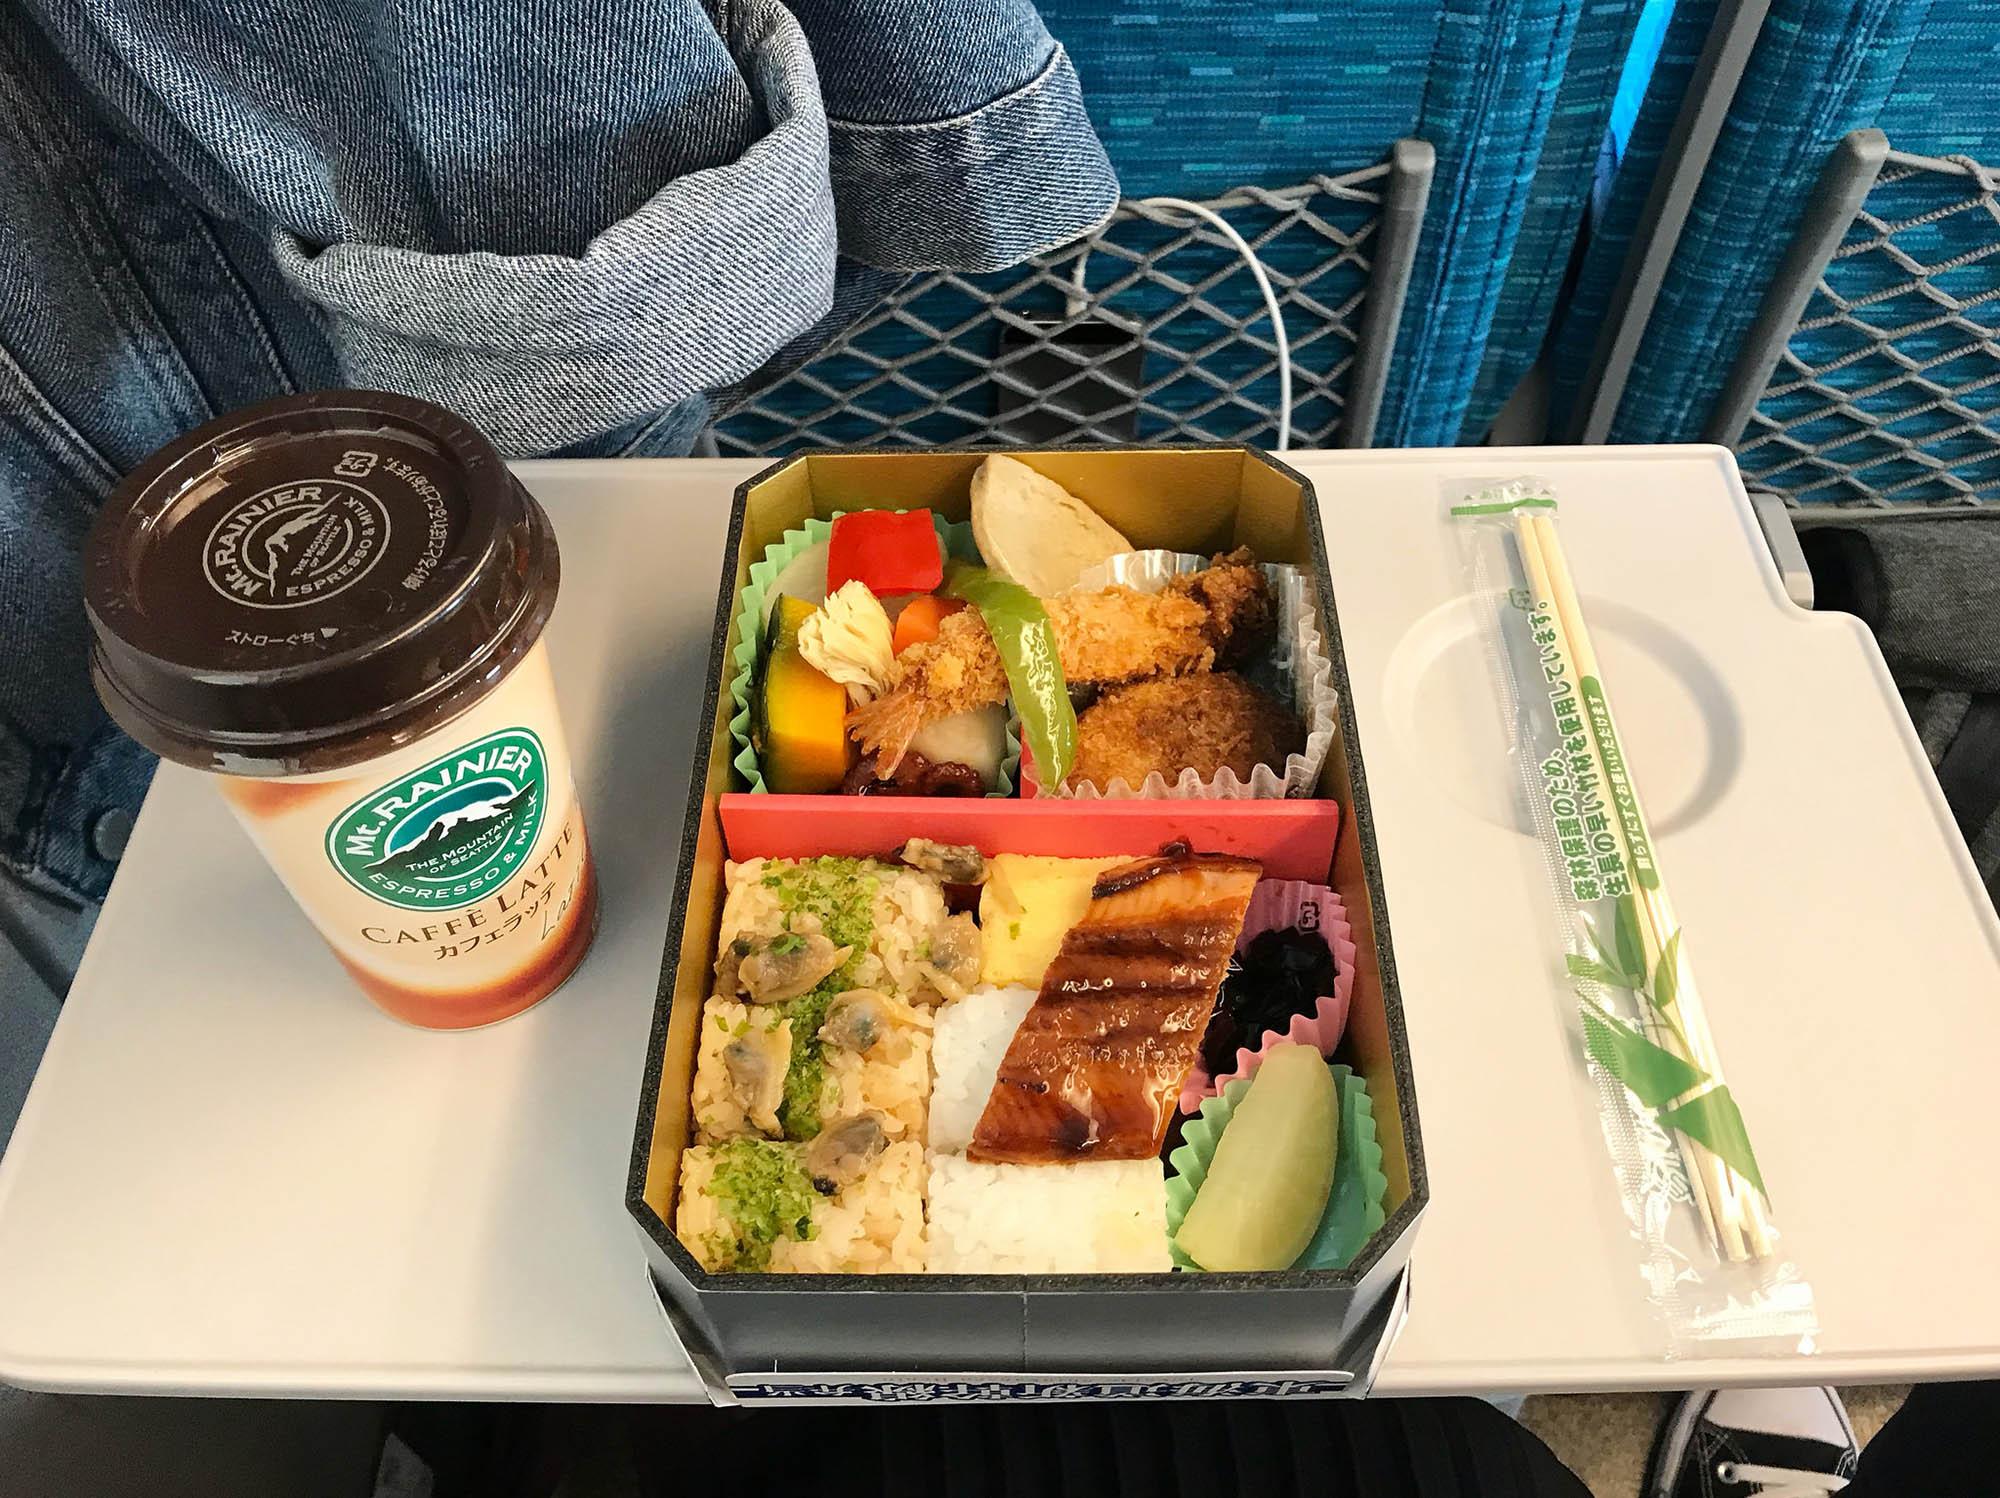 Везде продаются бенто — красиво упакованные наборы еды. Тут суши, рис, жареные овощи и свежие фрукты, стоит такой набор примерно 500<span class=ruble>Р</span>. Благодаря бенто в Японии вообще нет проблемы, чем бы перекусить. Все в Японии едят их постоянно, и обязательно в поездах